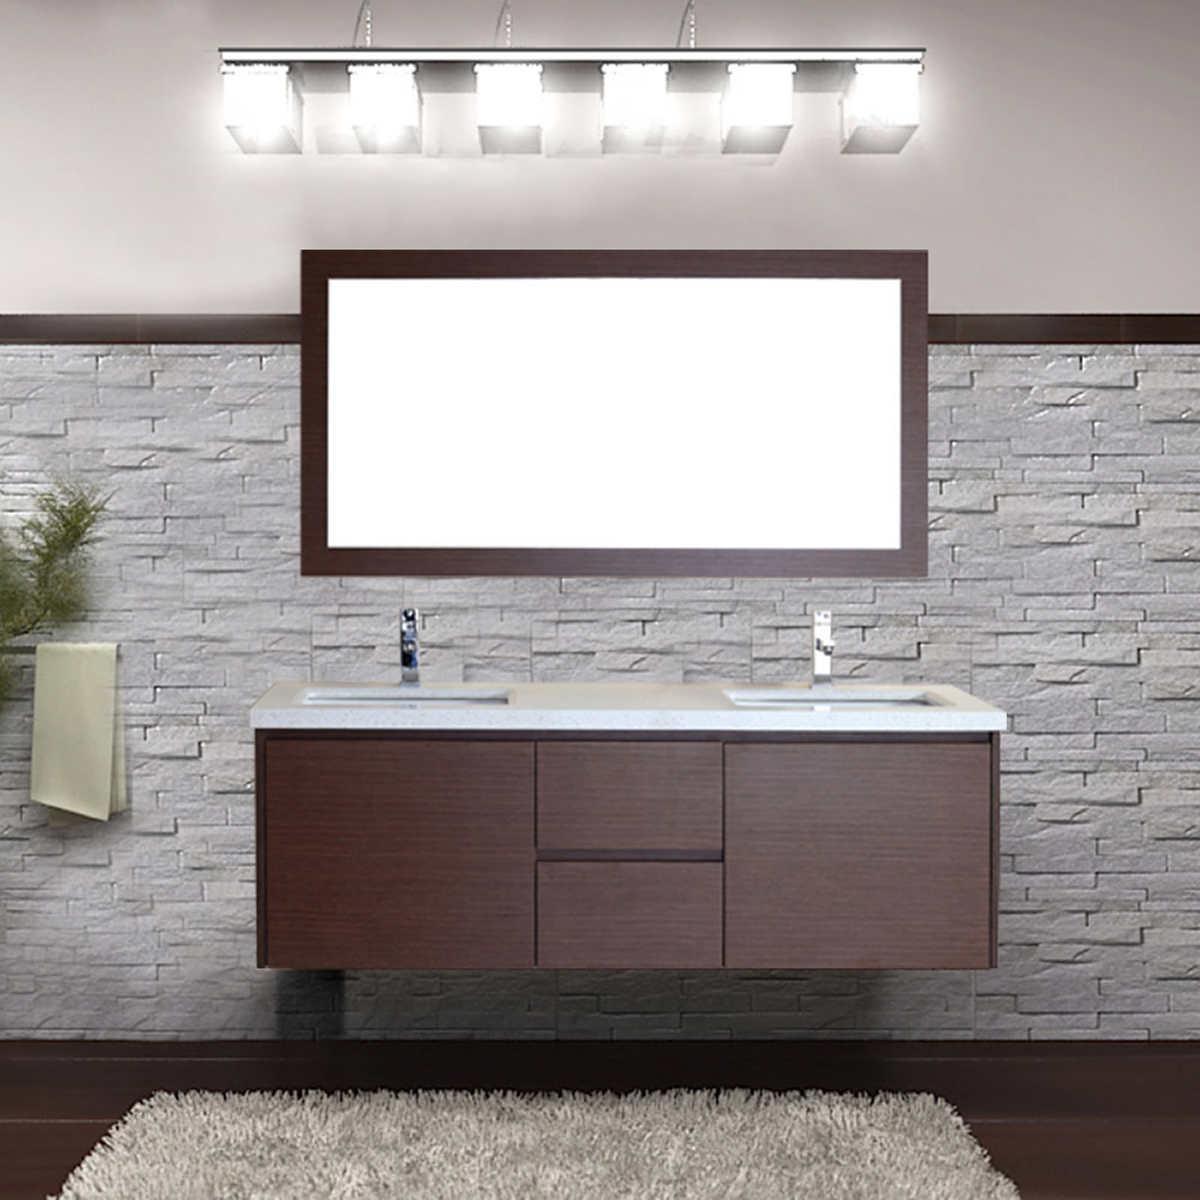 vanities, Bathroom decor